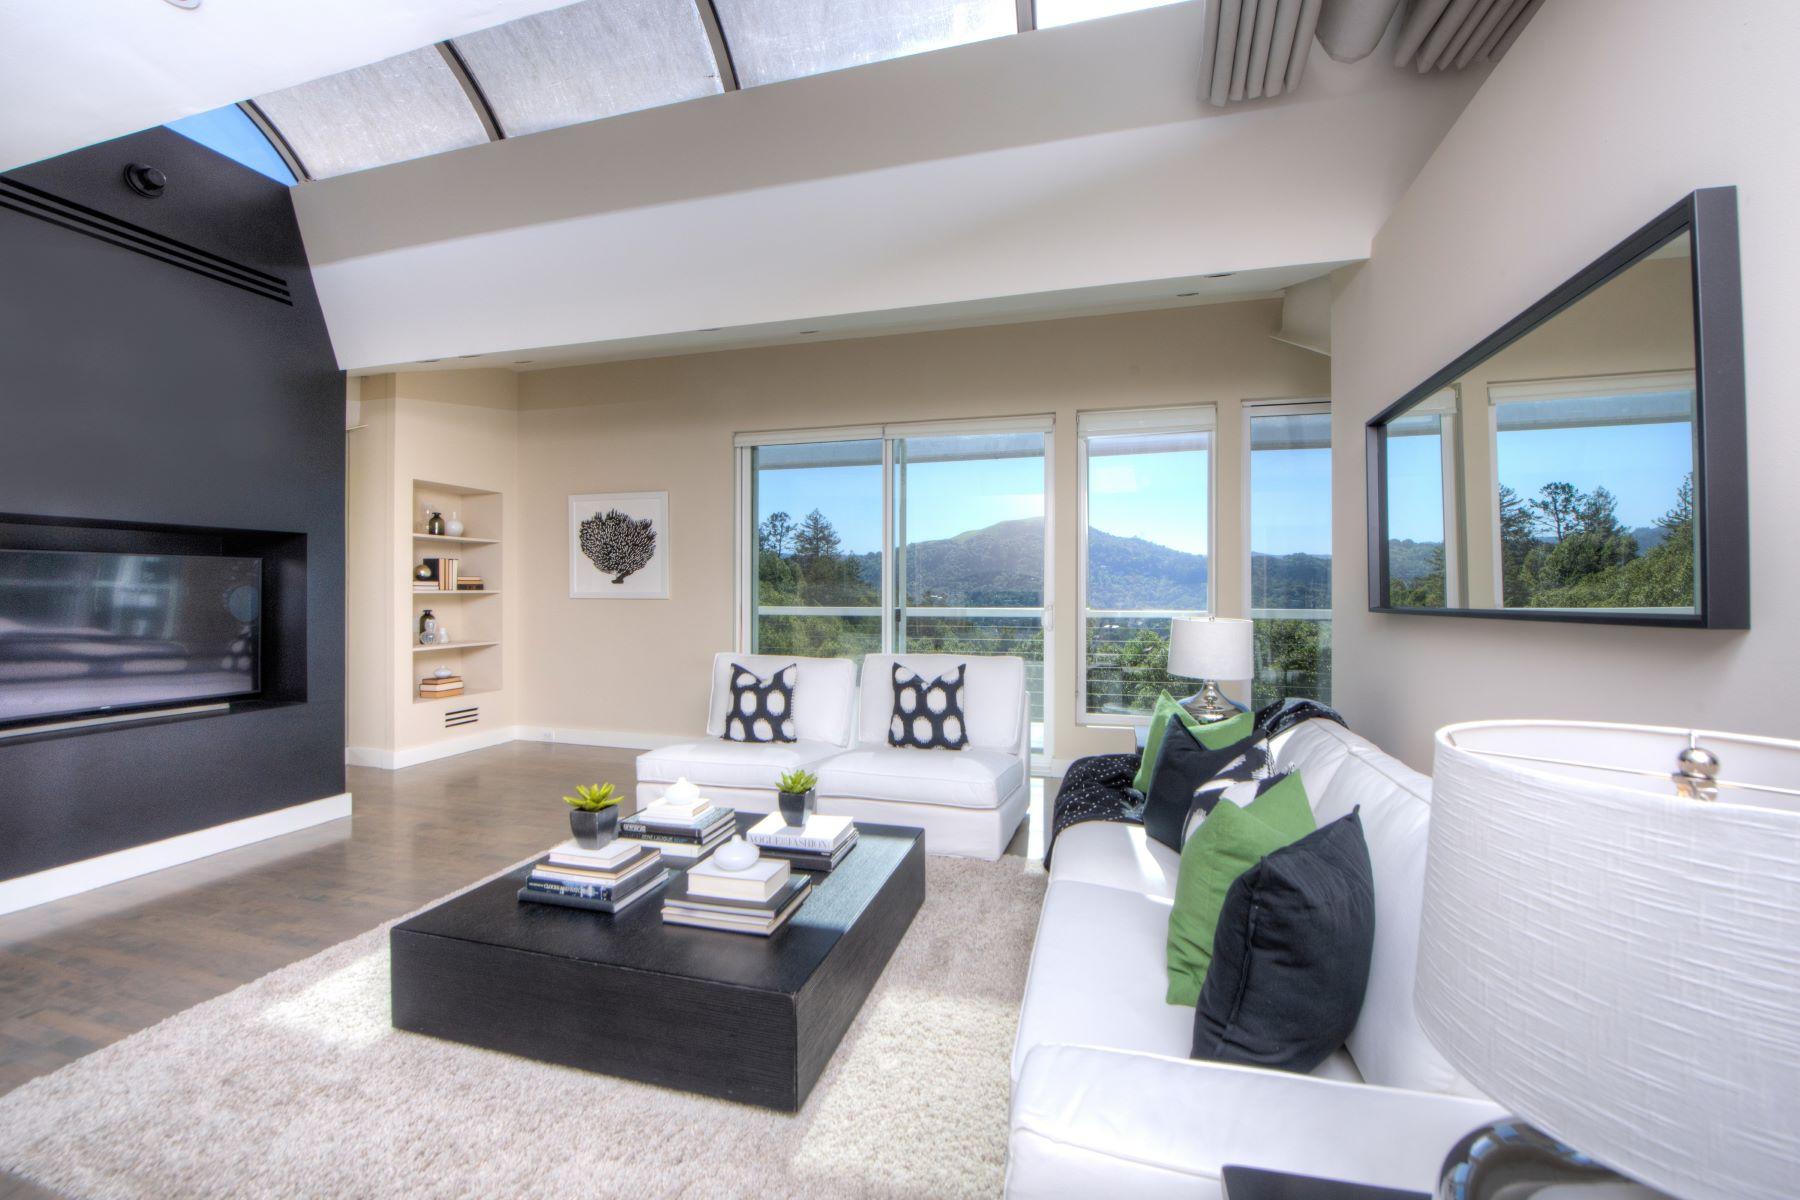 一戸建て のために 売買 アット Sleek Modern Winship Park View Home 72 Baywood Avenue Ross, カリフォルニア 94957 アメリカ合衆国